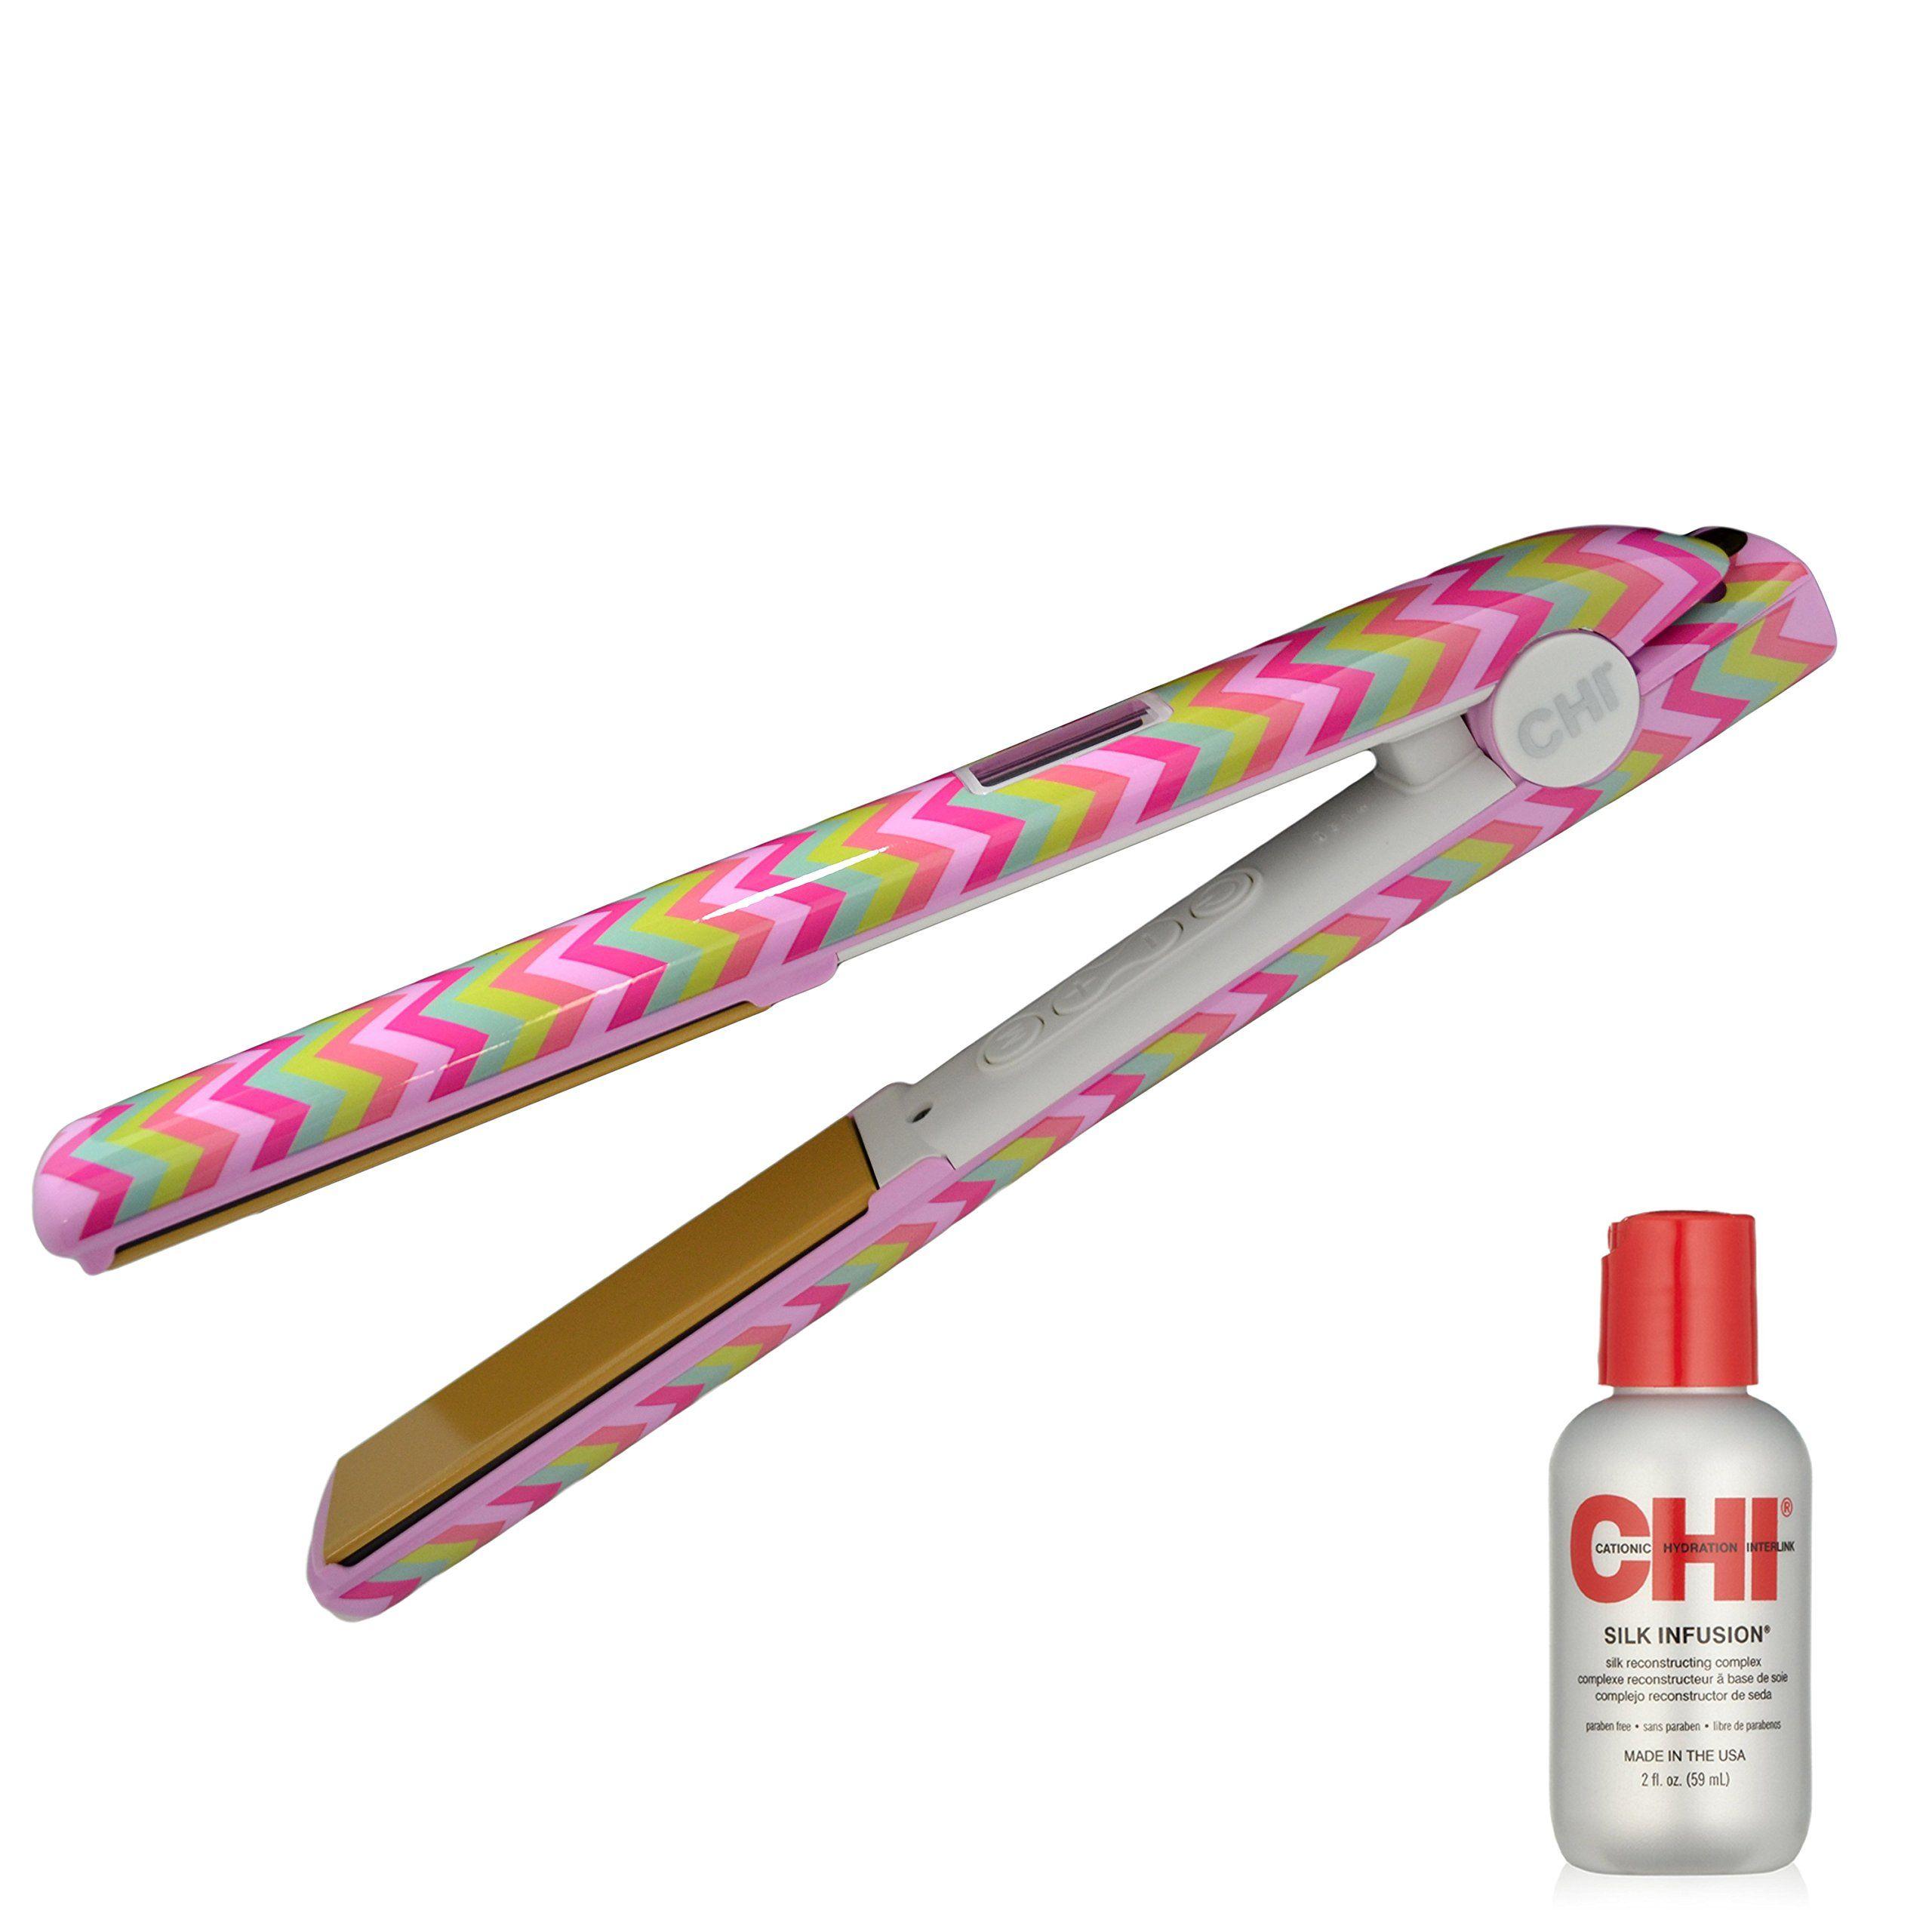 Amazon Com Chi G2 2nd Generation Hairstyling Iron Sugar Rush Beauty Ceramic Flat Iron Hair Care Tools Tourmaline Hair Straighteners